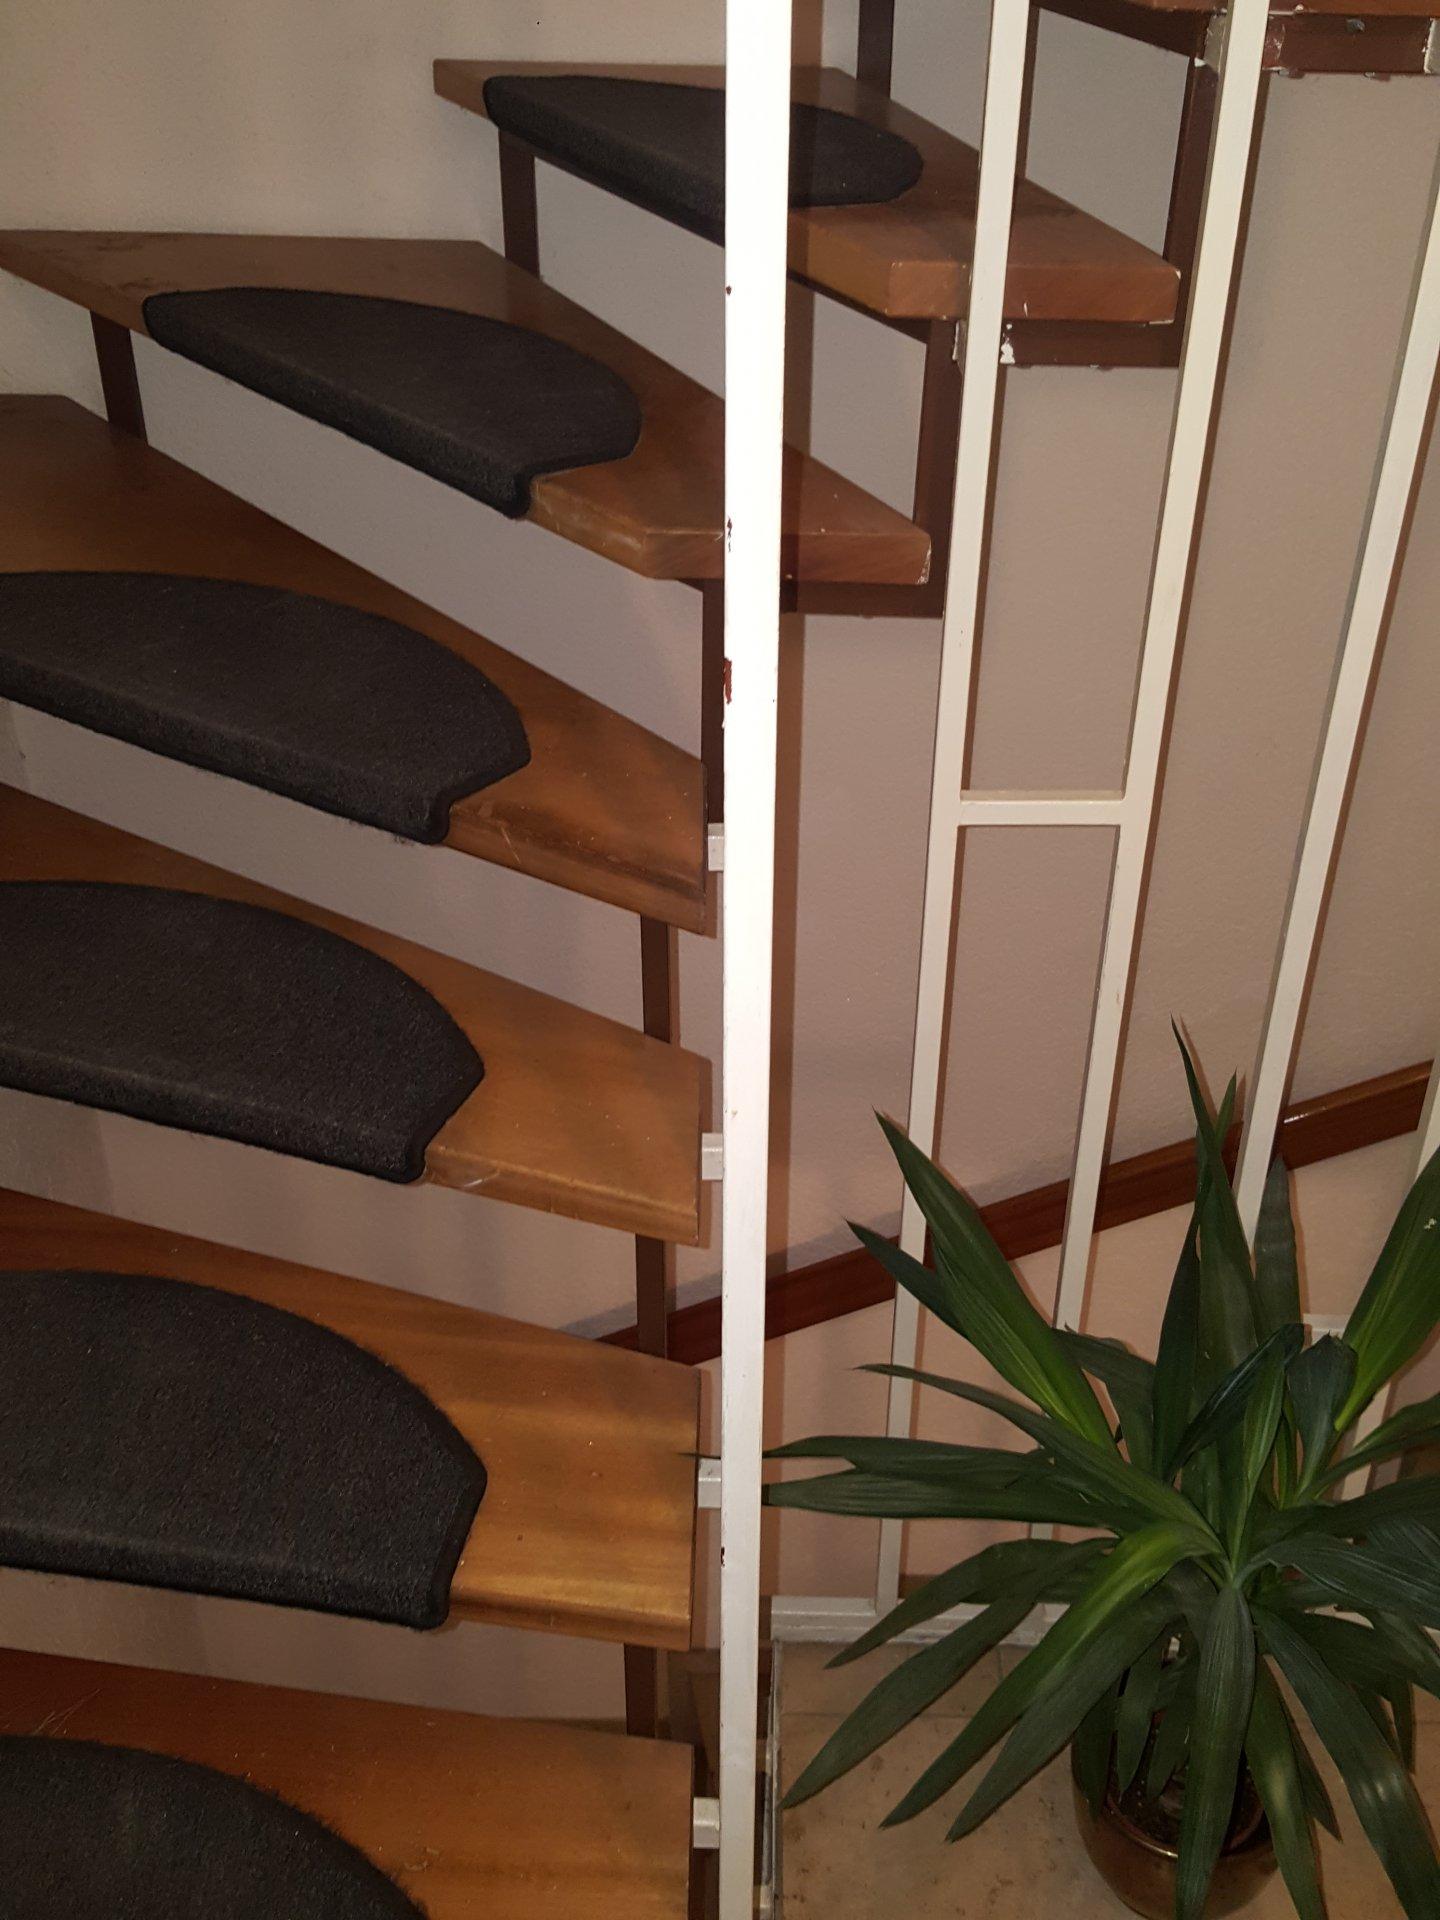 Treppengeländer Verkleiden treppenhausgeländer verkleiden